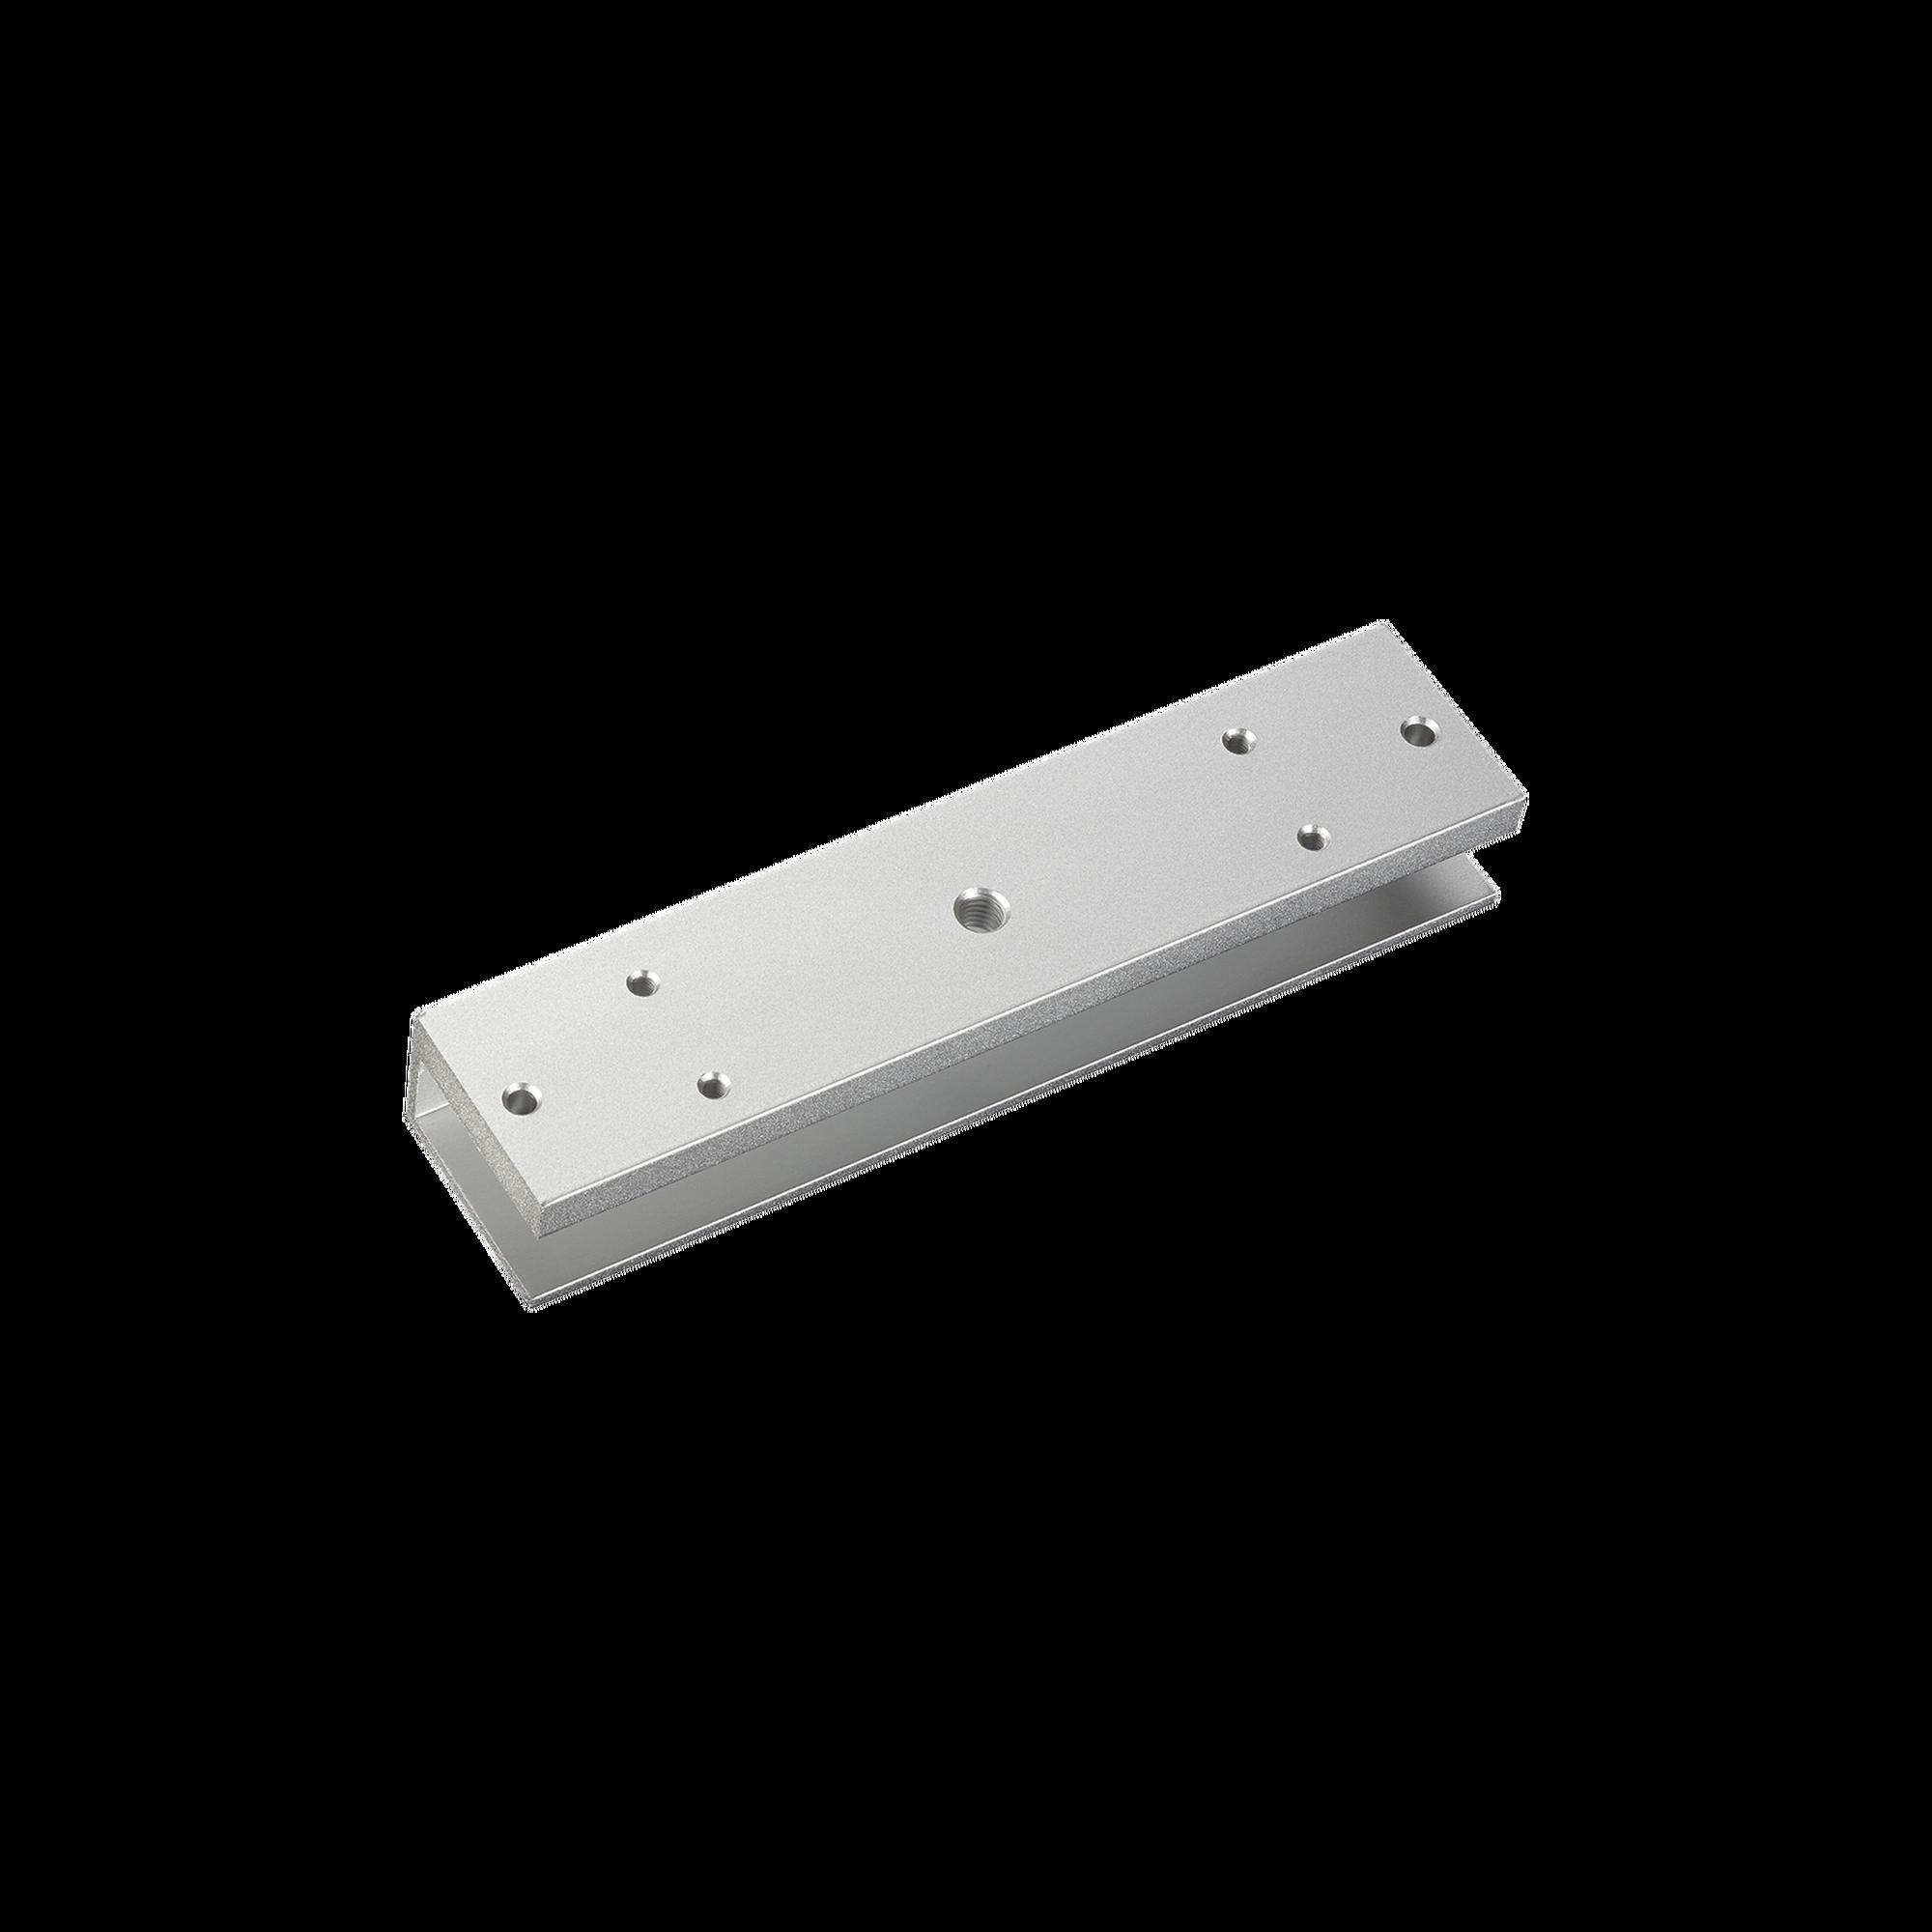 Montaje en U para puerta de vidrio compatible con chapa magnetica MAG350S